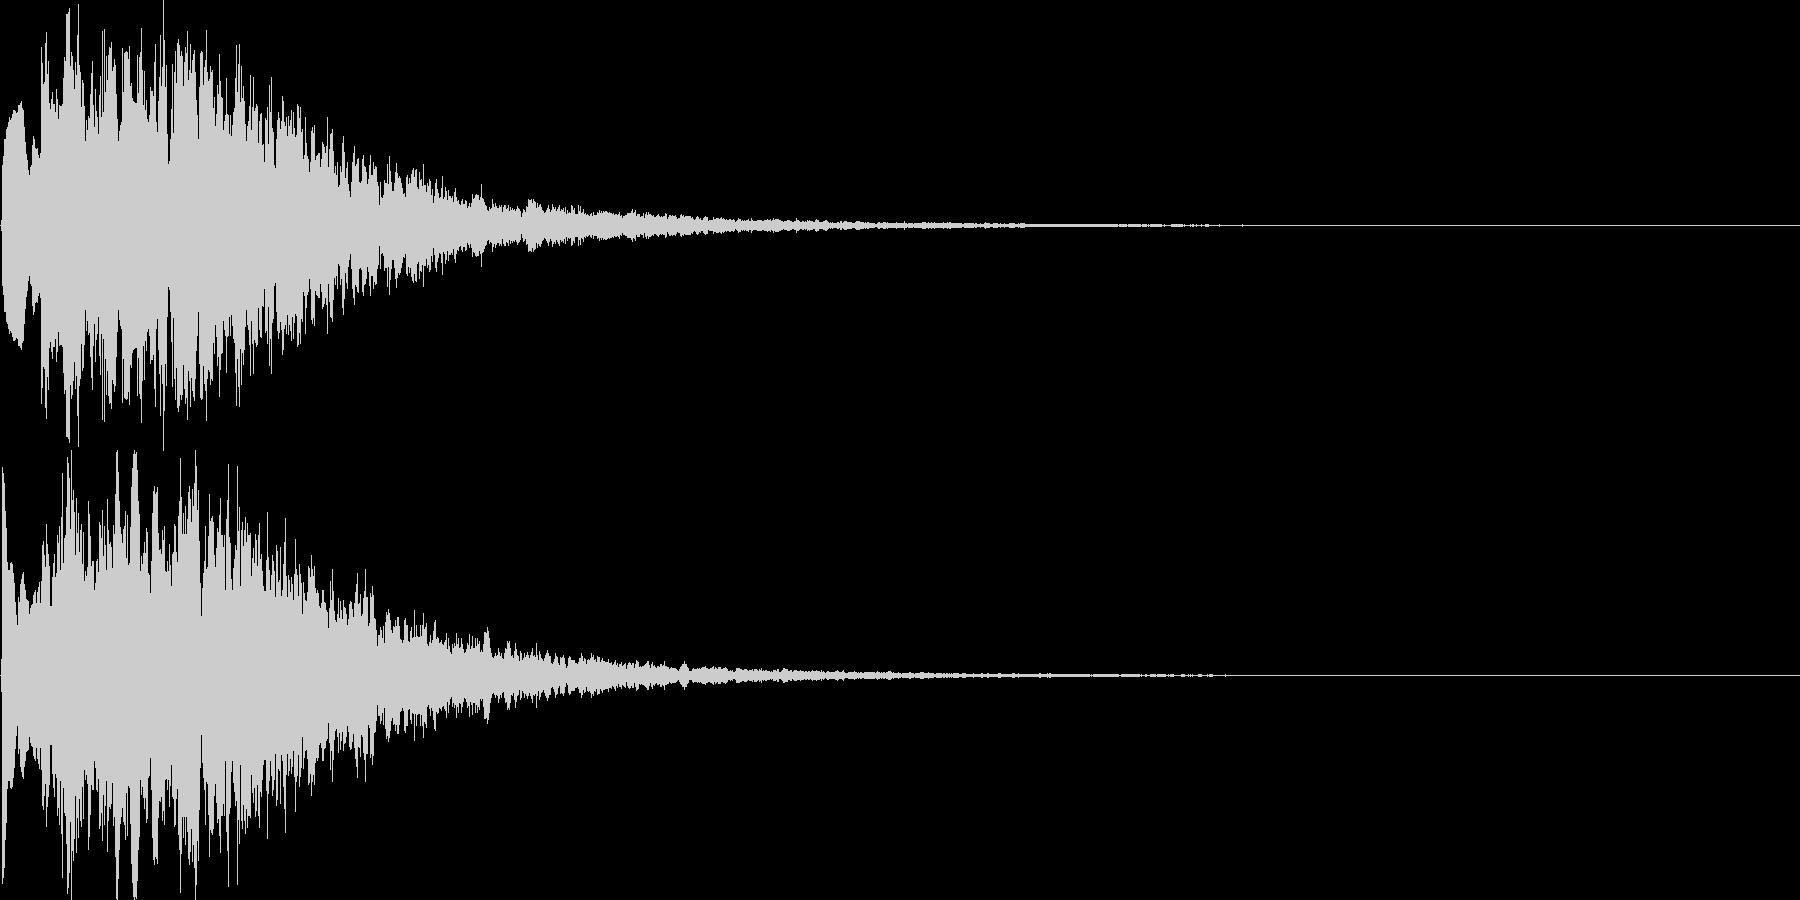 キラキラ(決定音、ゲーム、アプリに)の未再生の波形